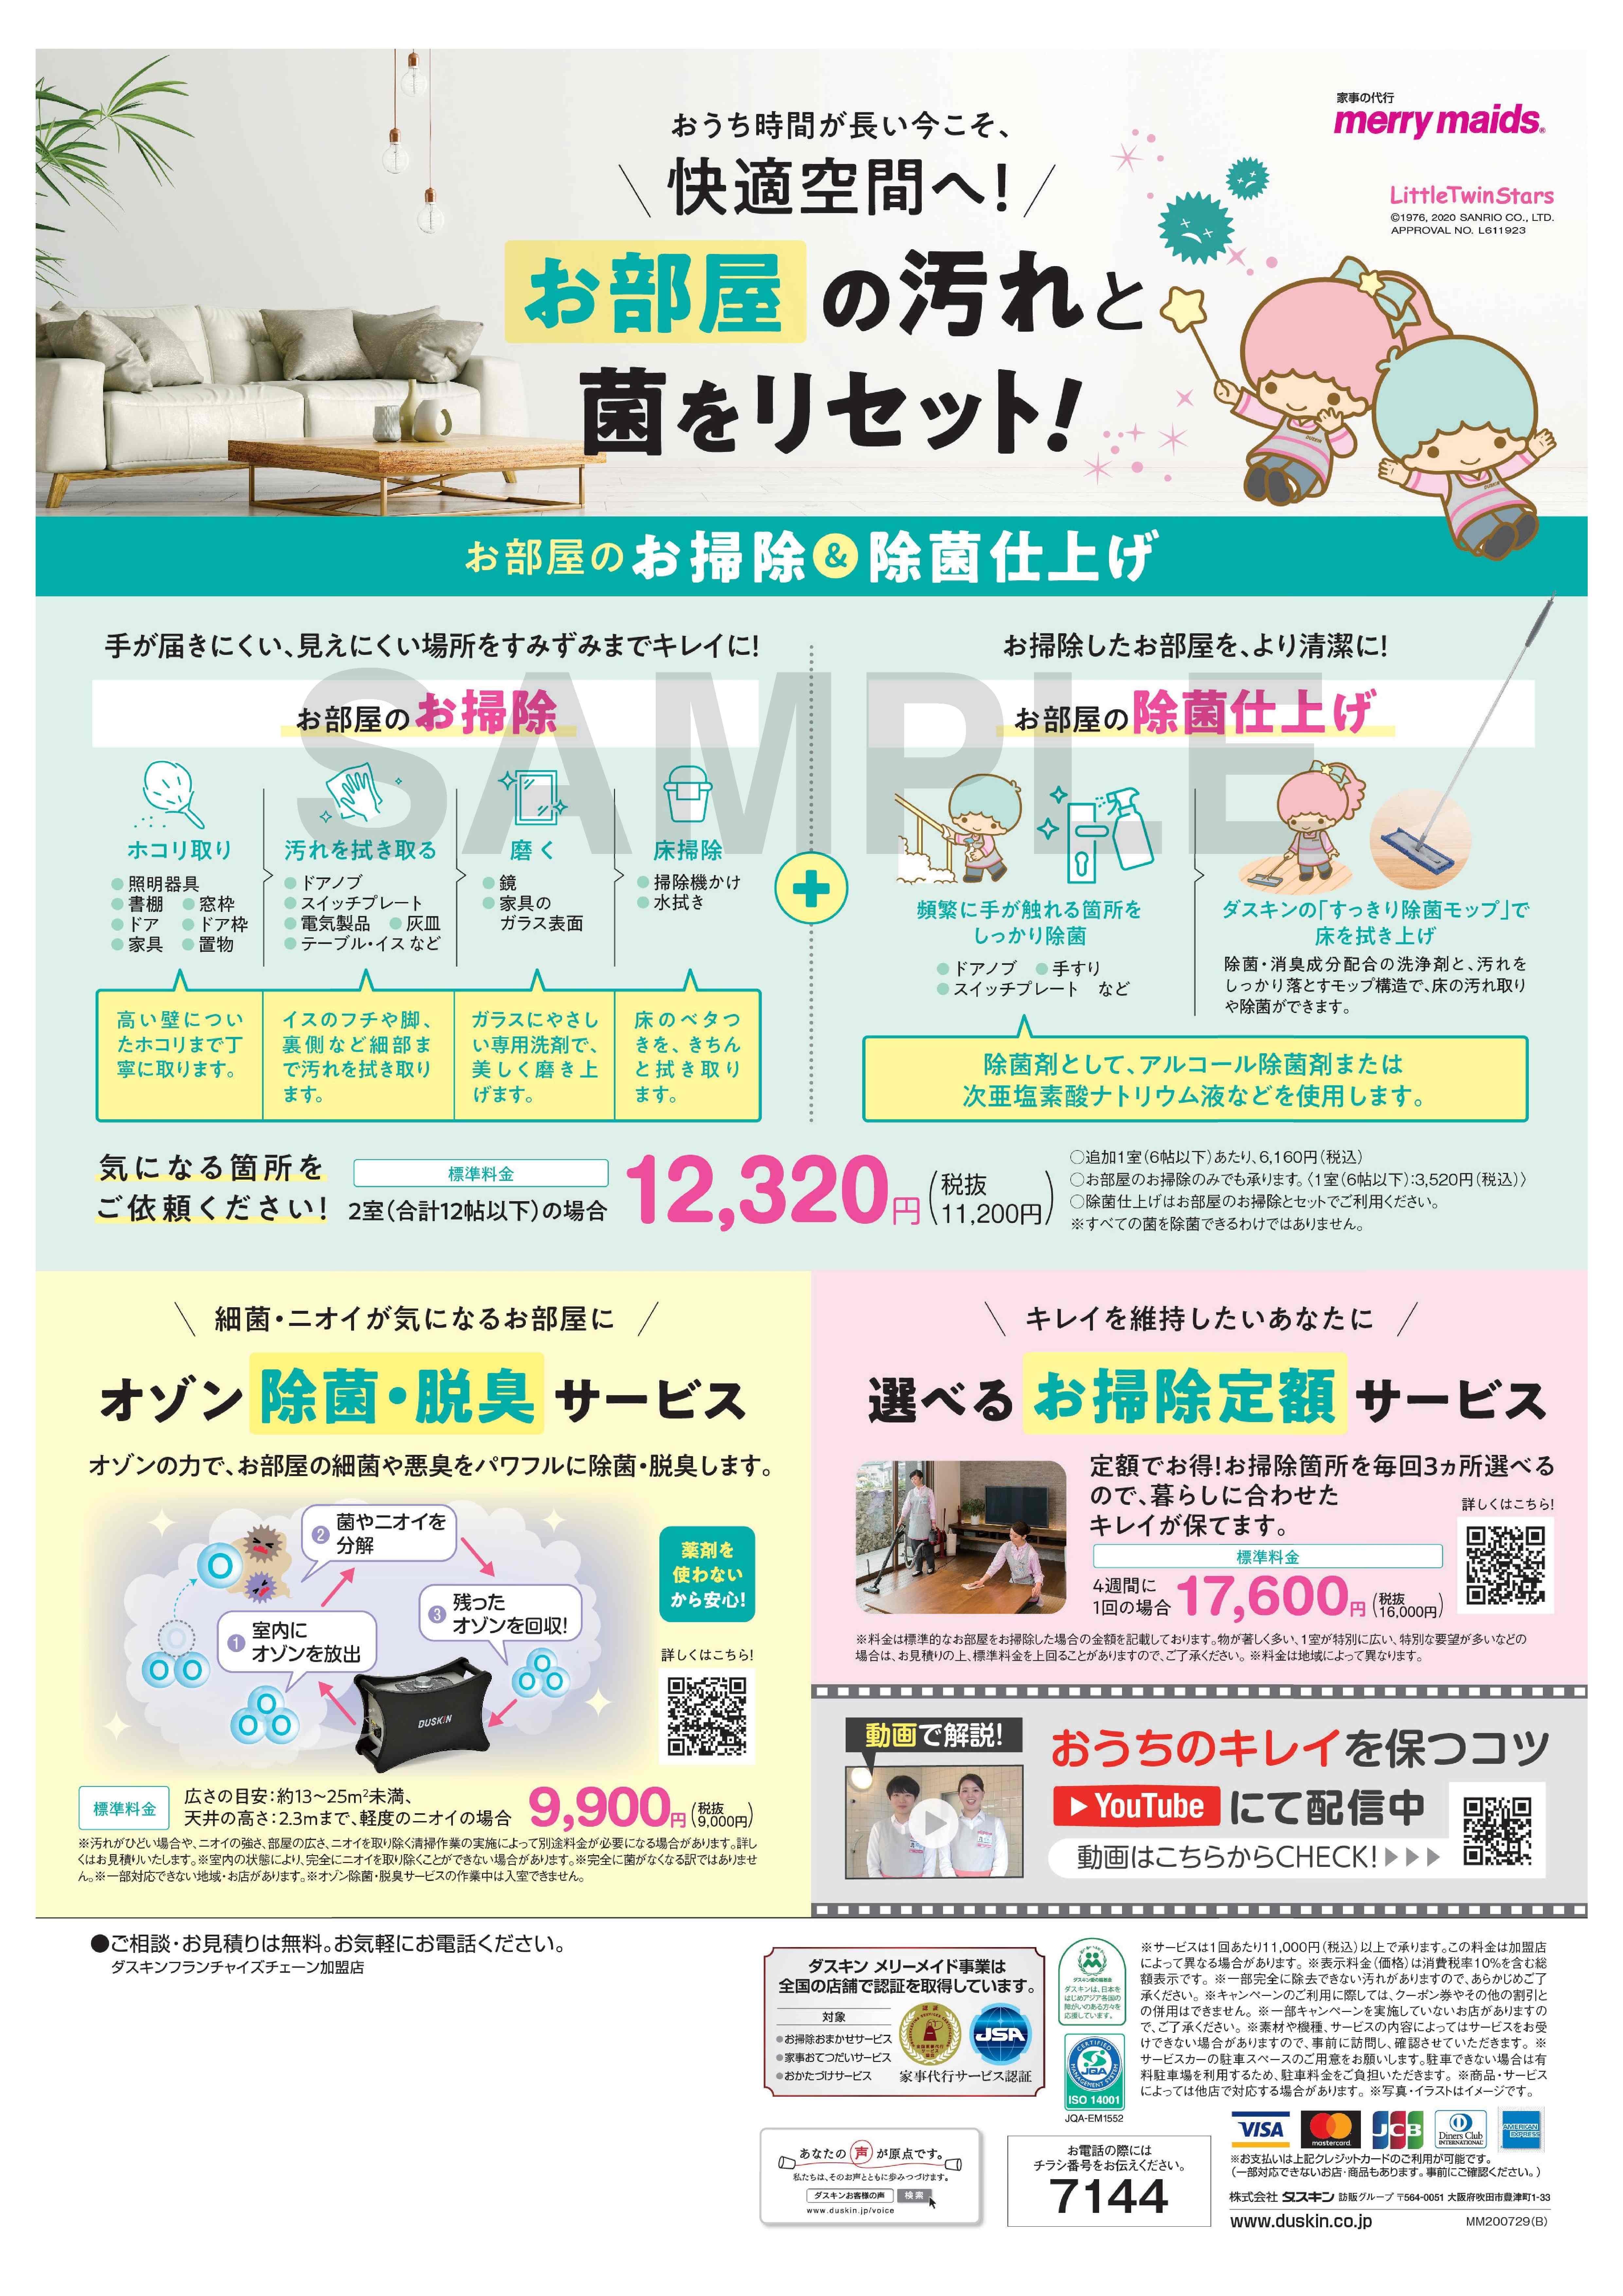 【MM裏面のみ】秋のセットキャンペーン北関東.jpg